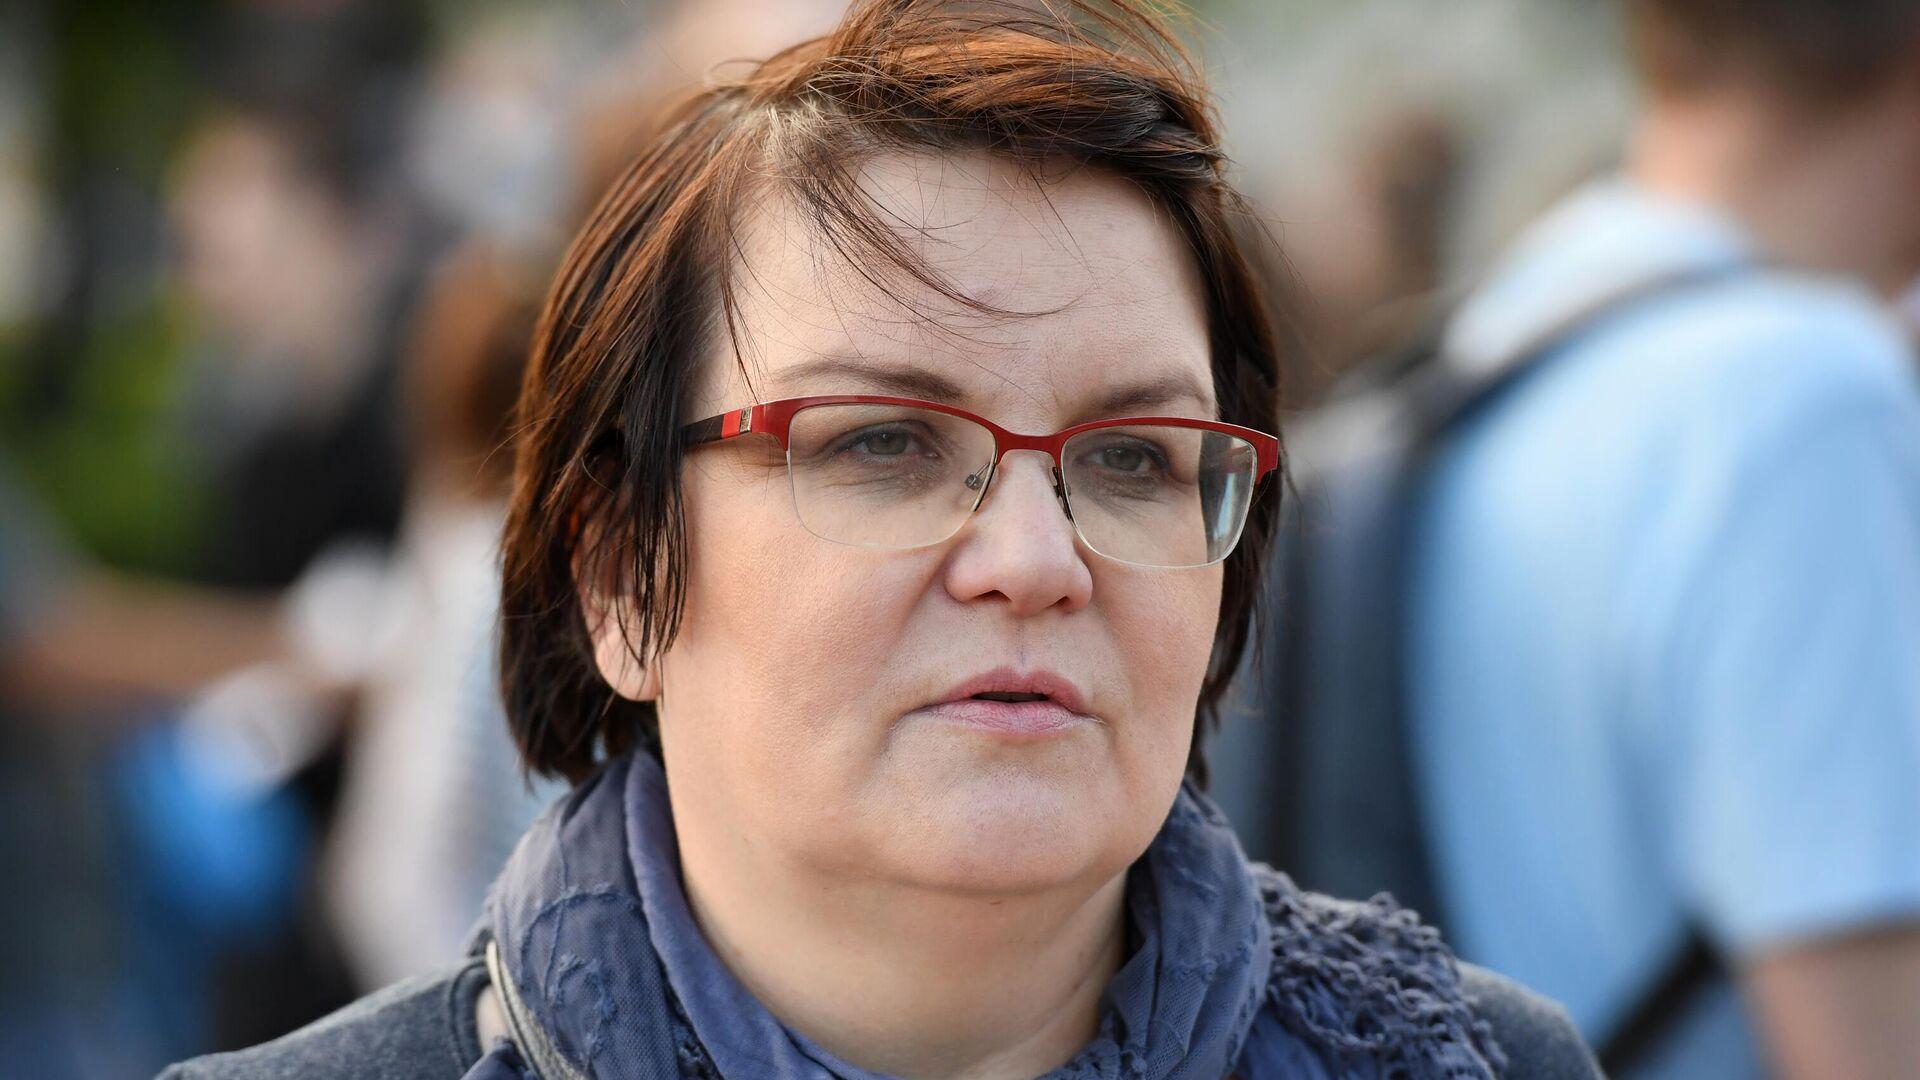 Юлию Галямину задержали на съезде муниципальных депутатов в Великом Новгороде